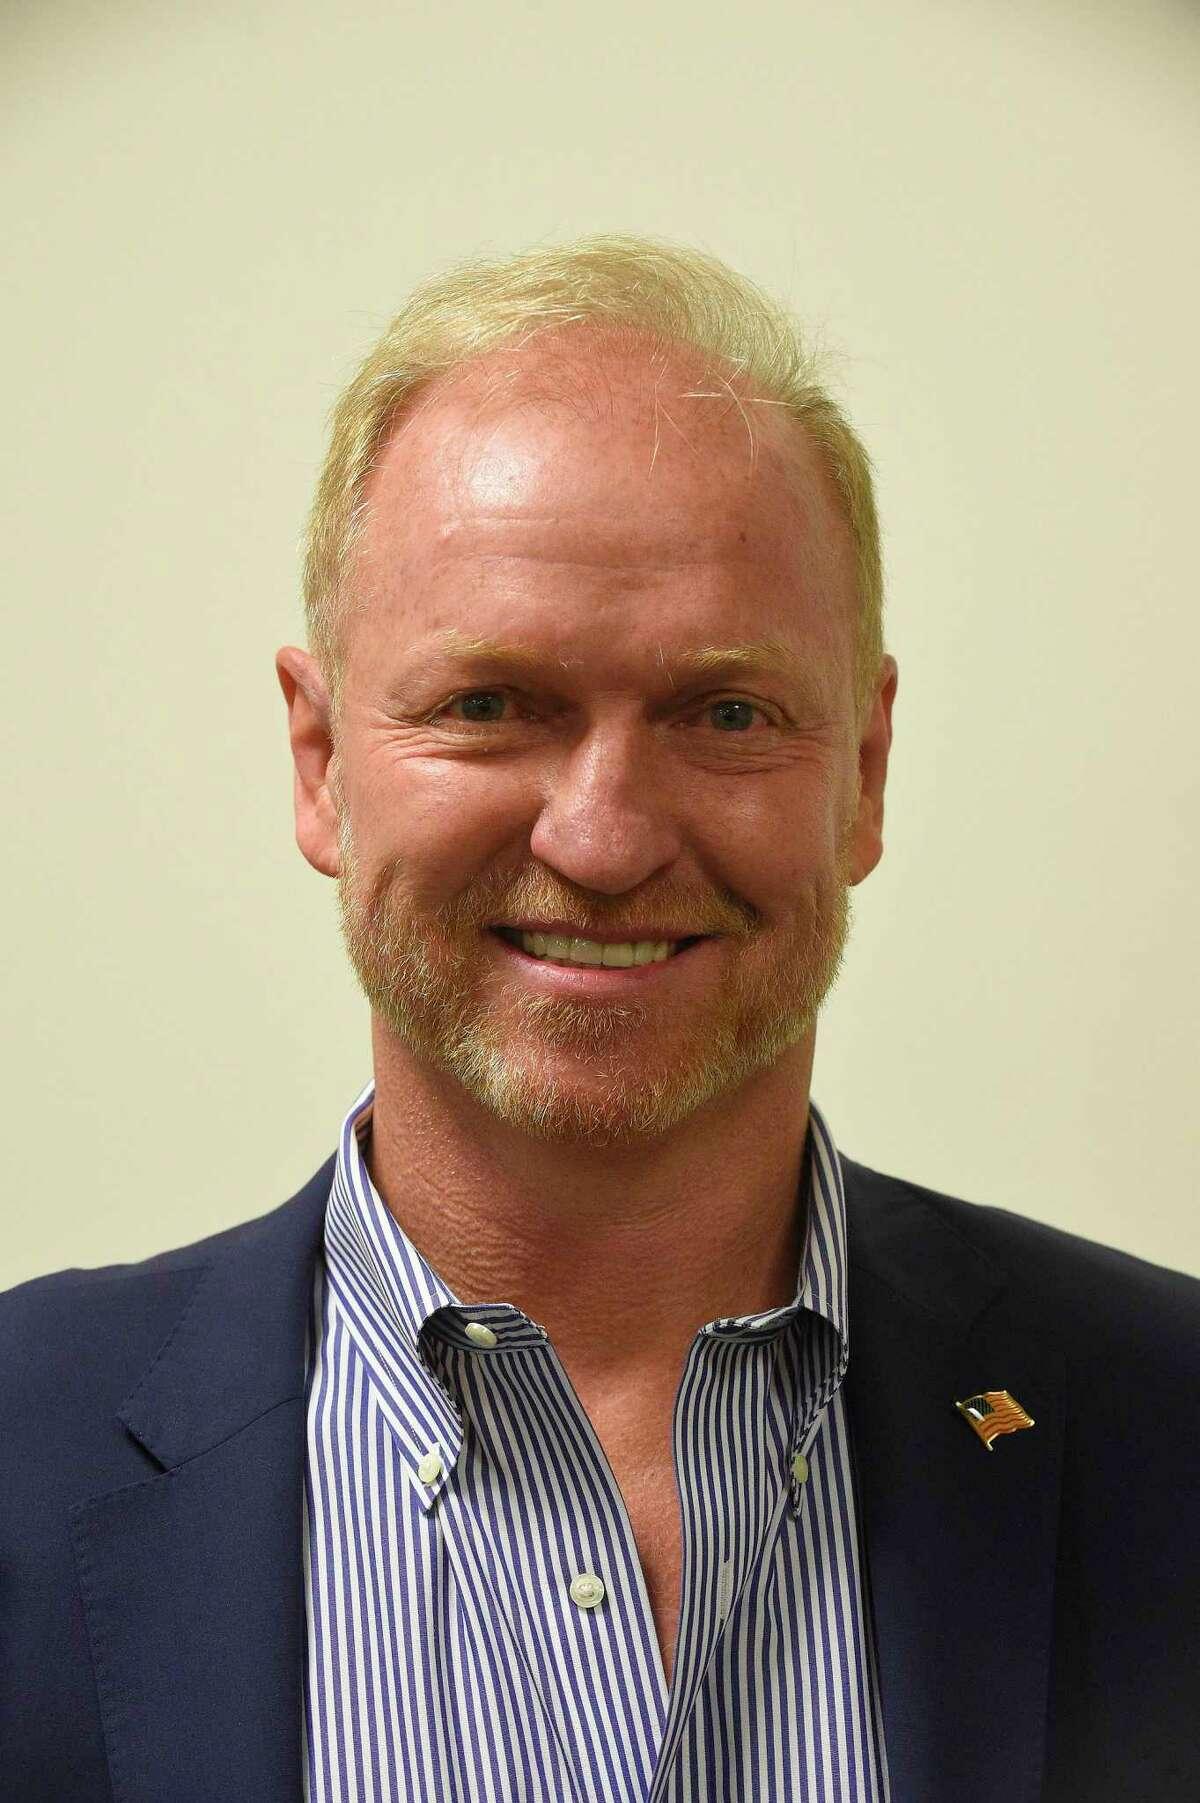 Joe Kelly, a member of the Greenwich Board of Education Nov. 21, 2019.